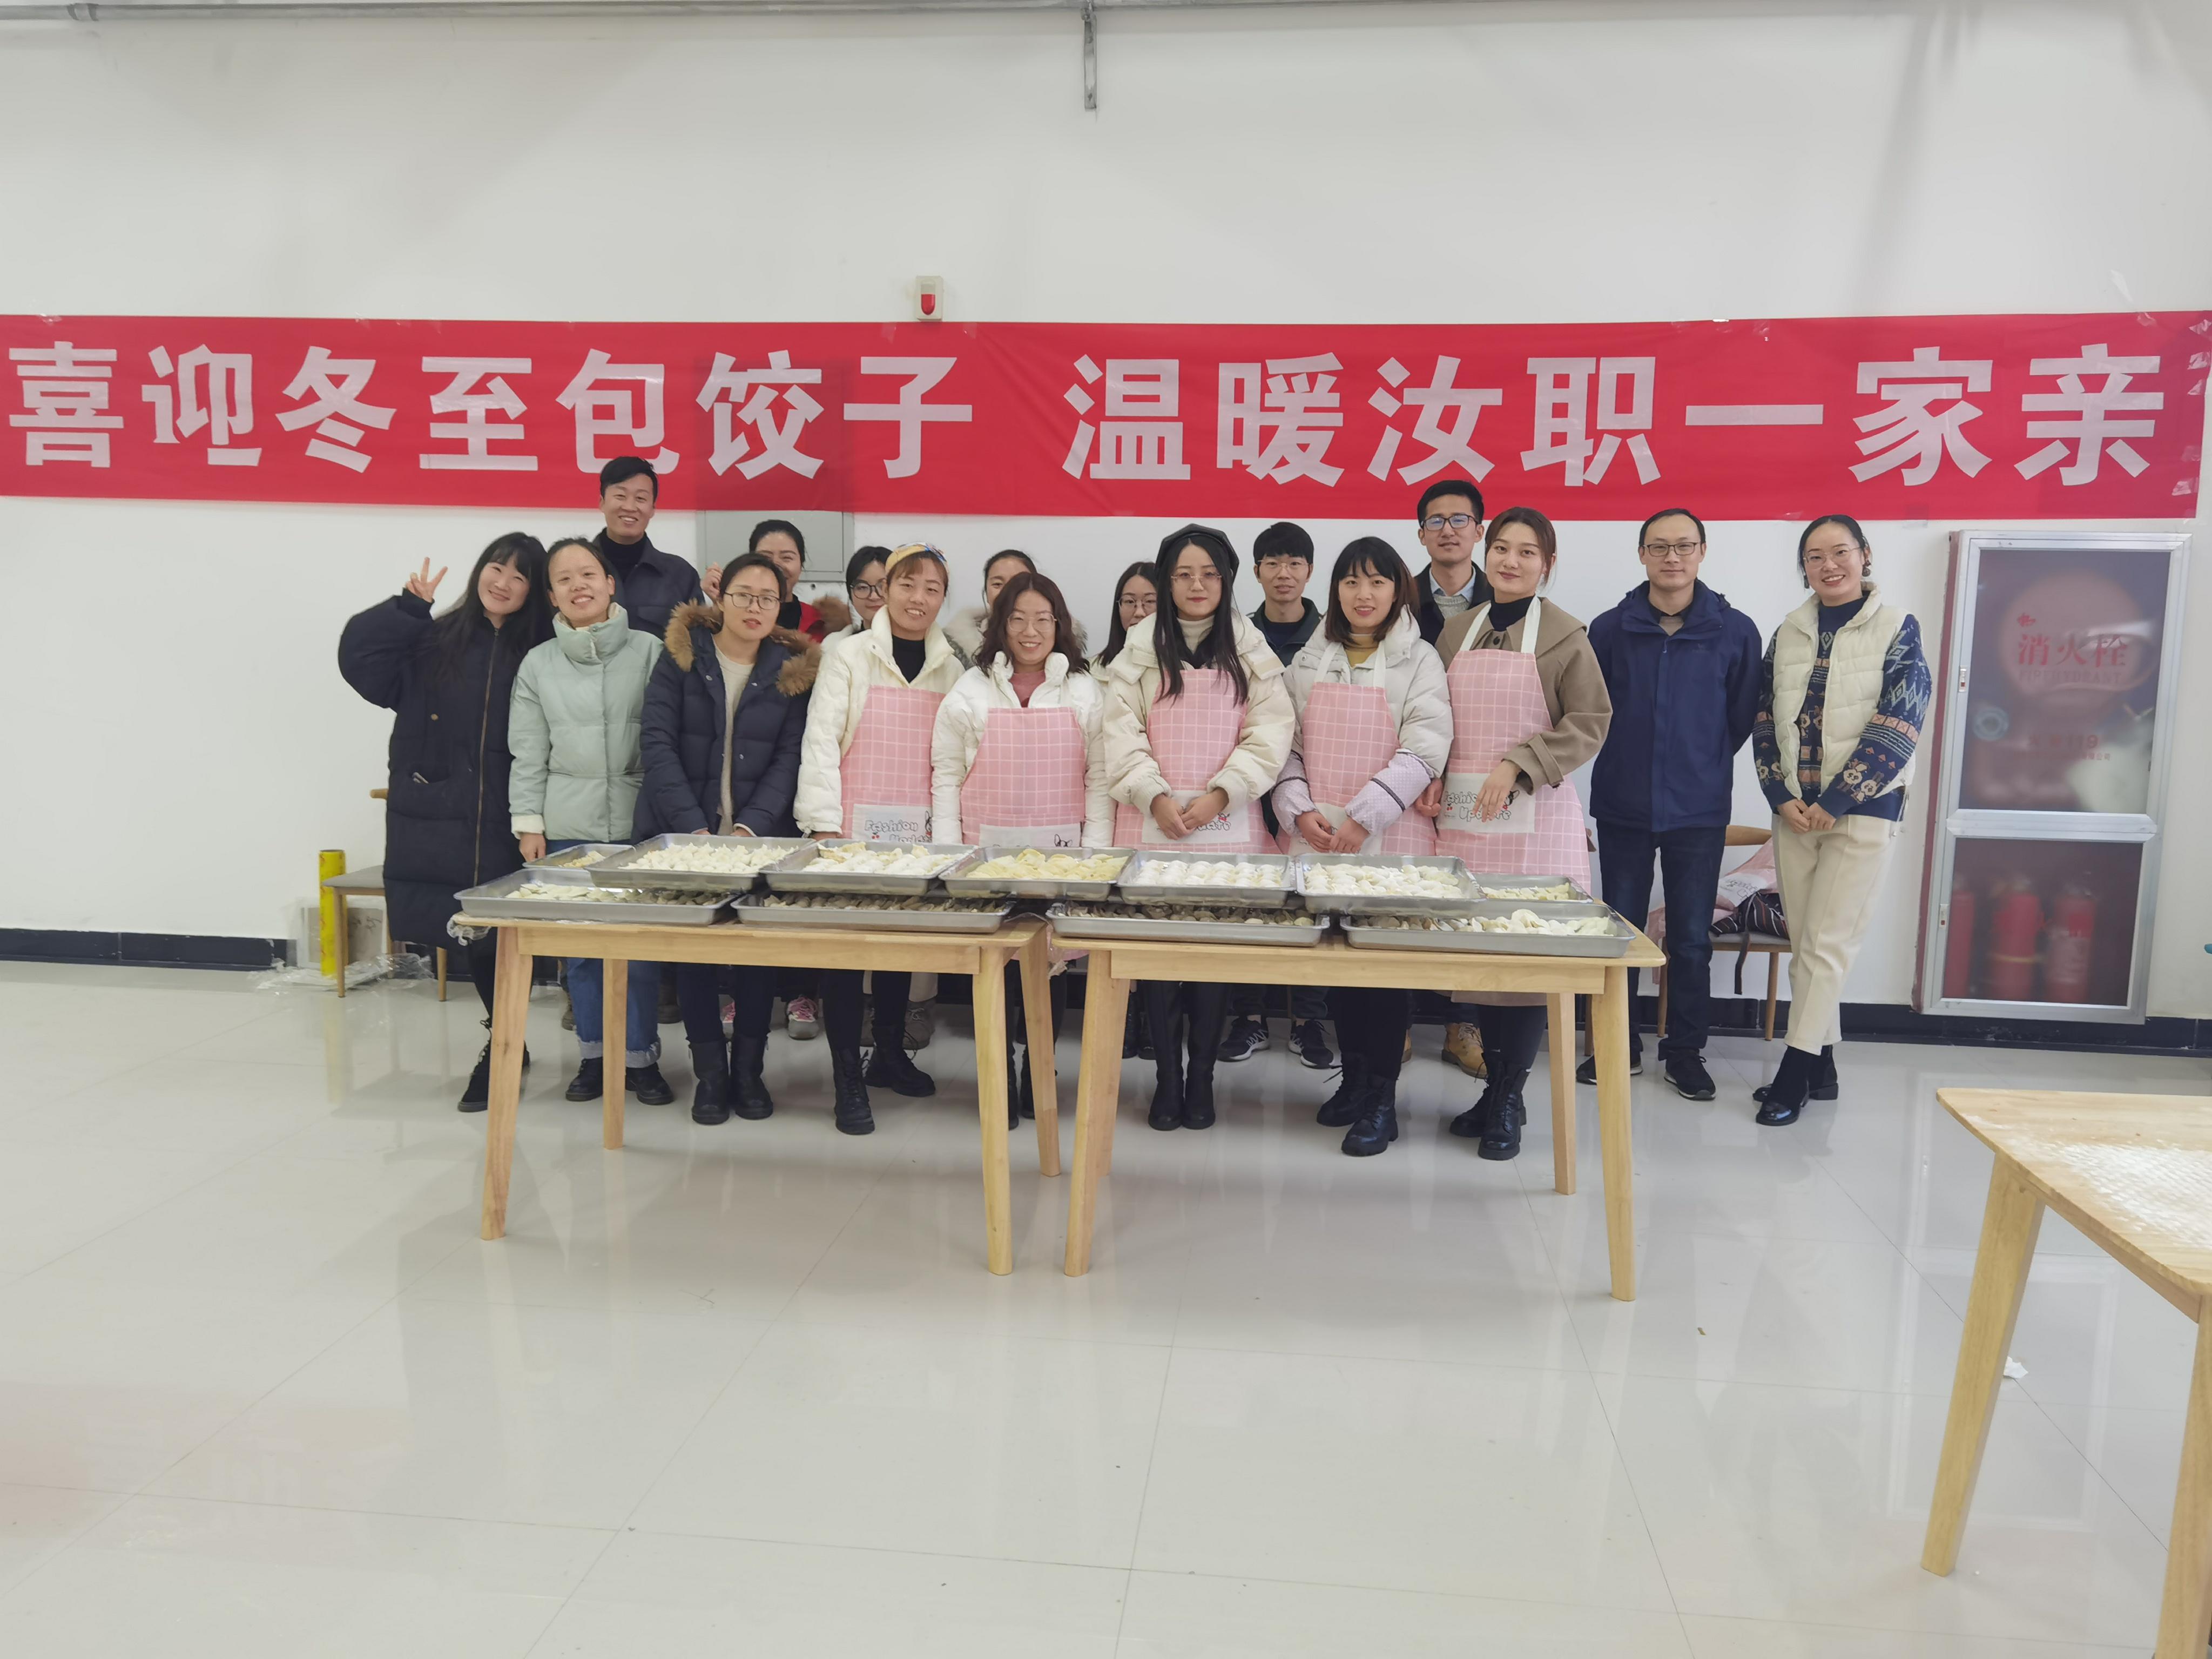 汝州职业技术学院